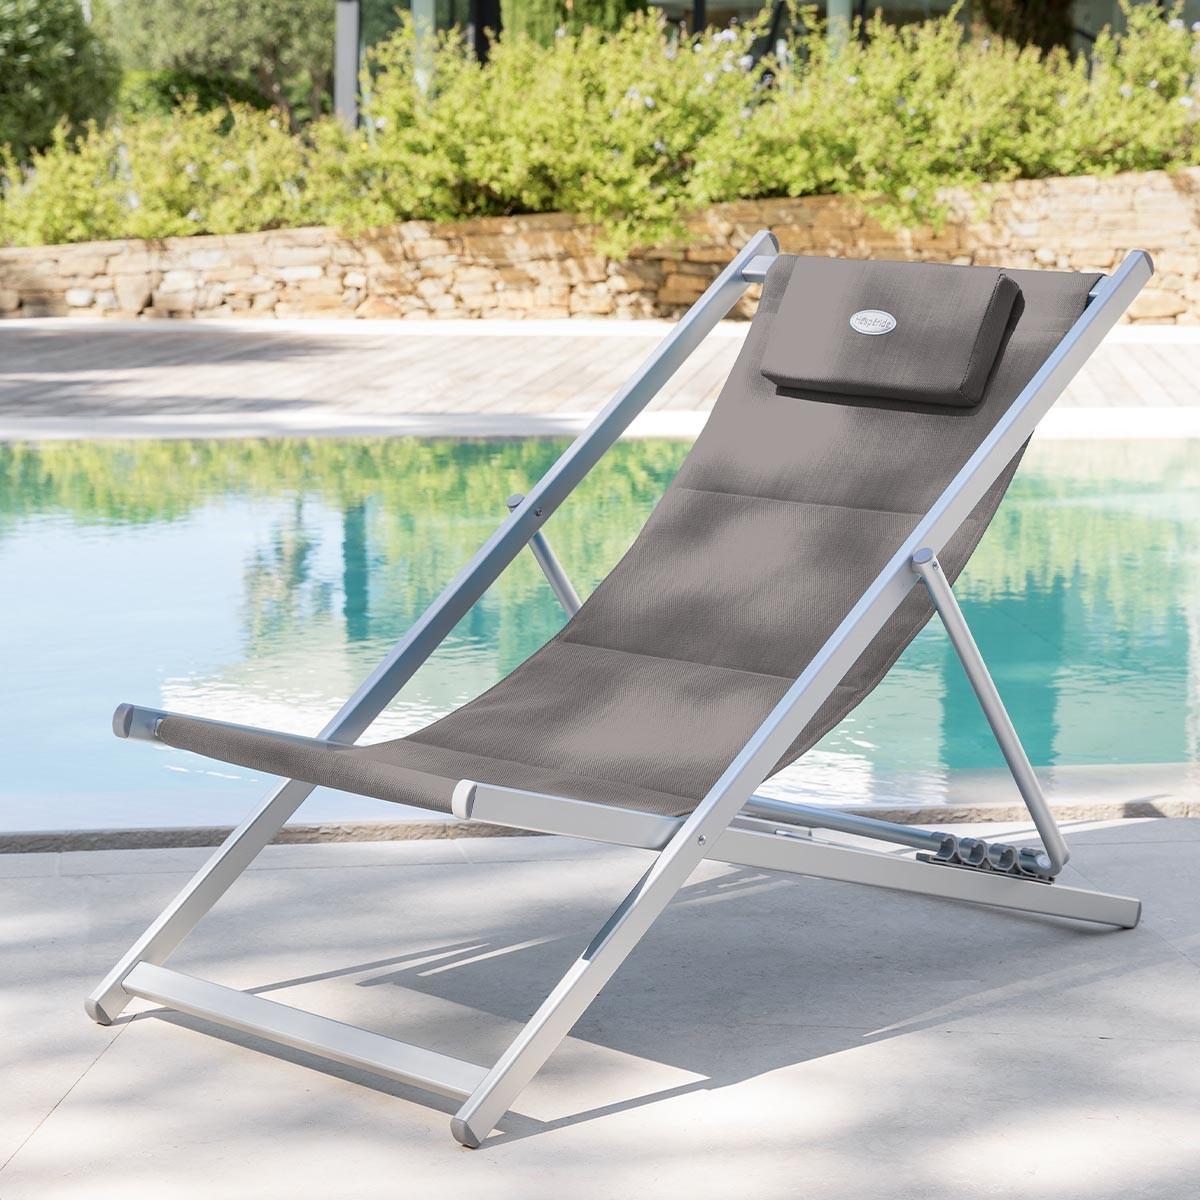 Chaise longue chilienne 2 for Chaise longue jardin prix